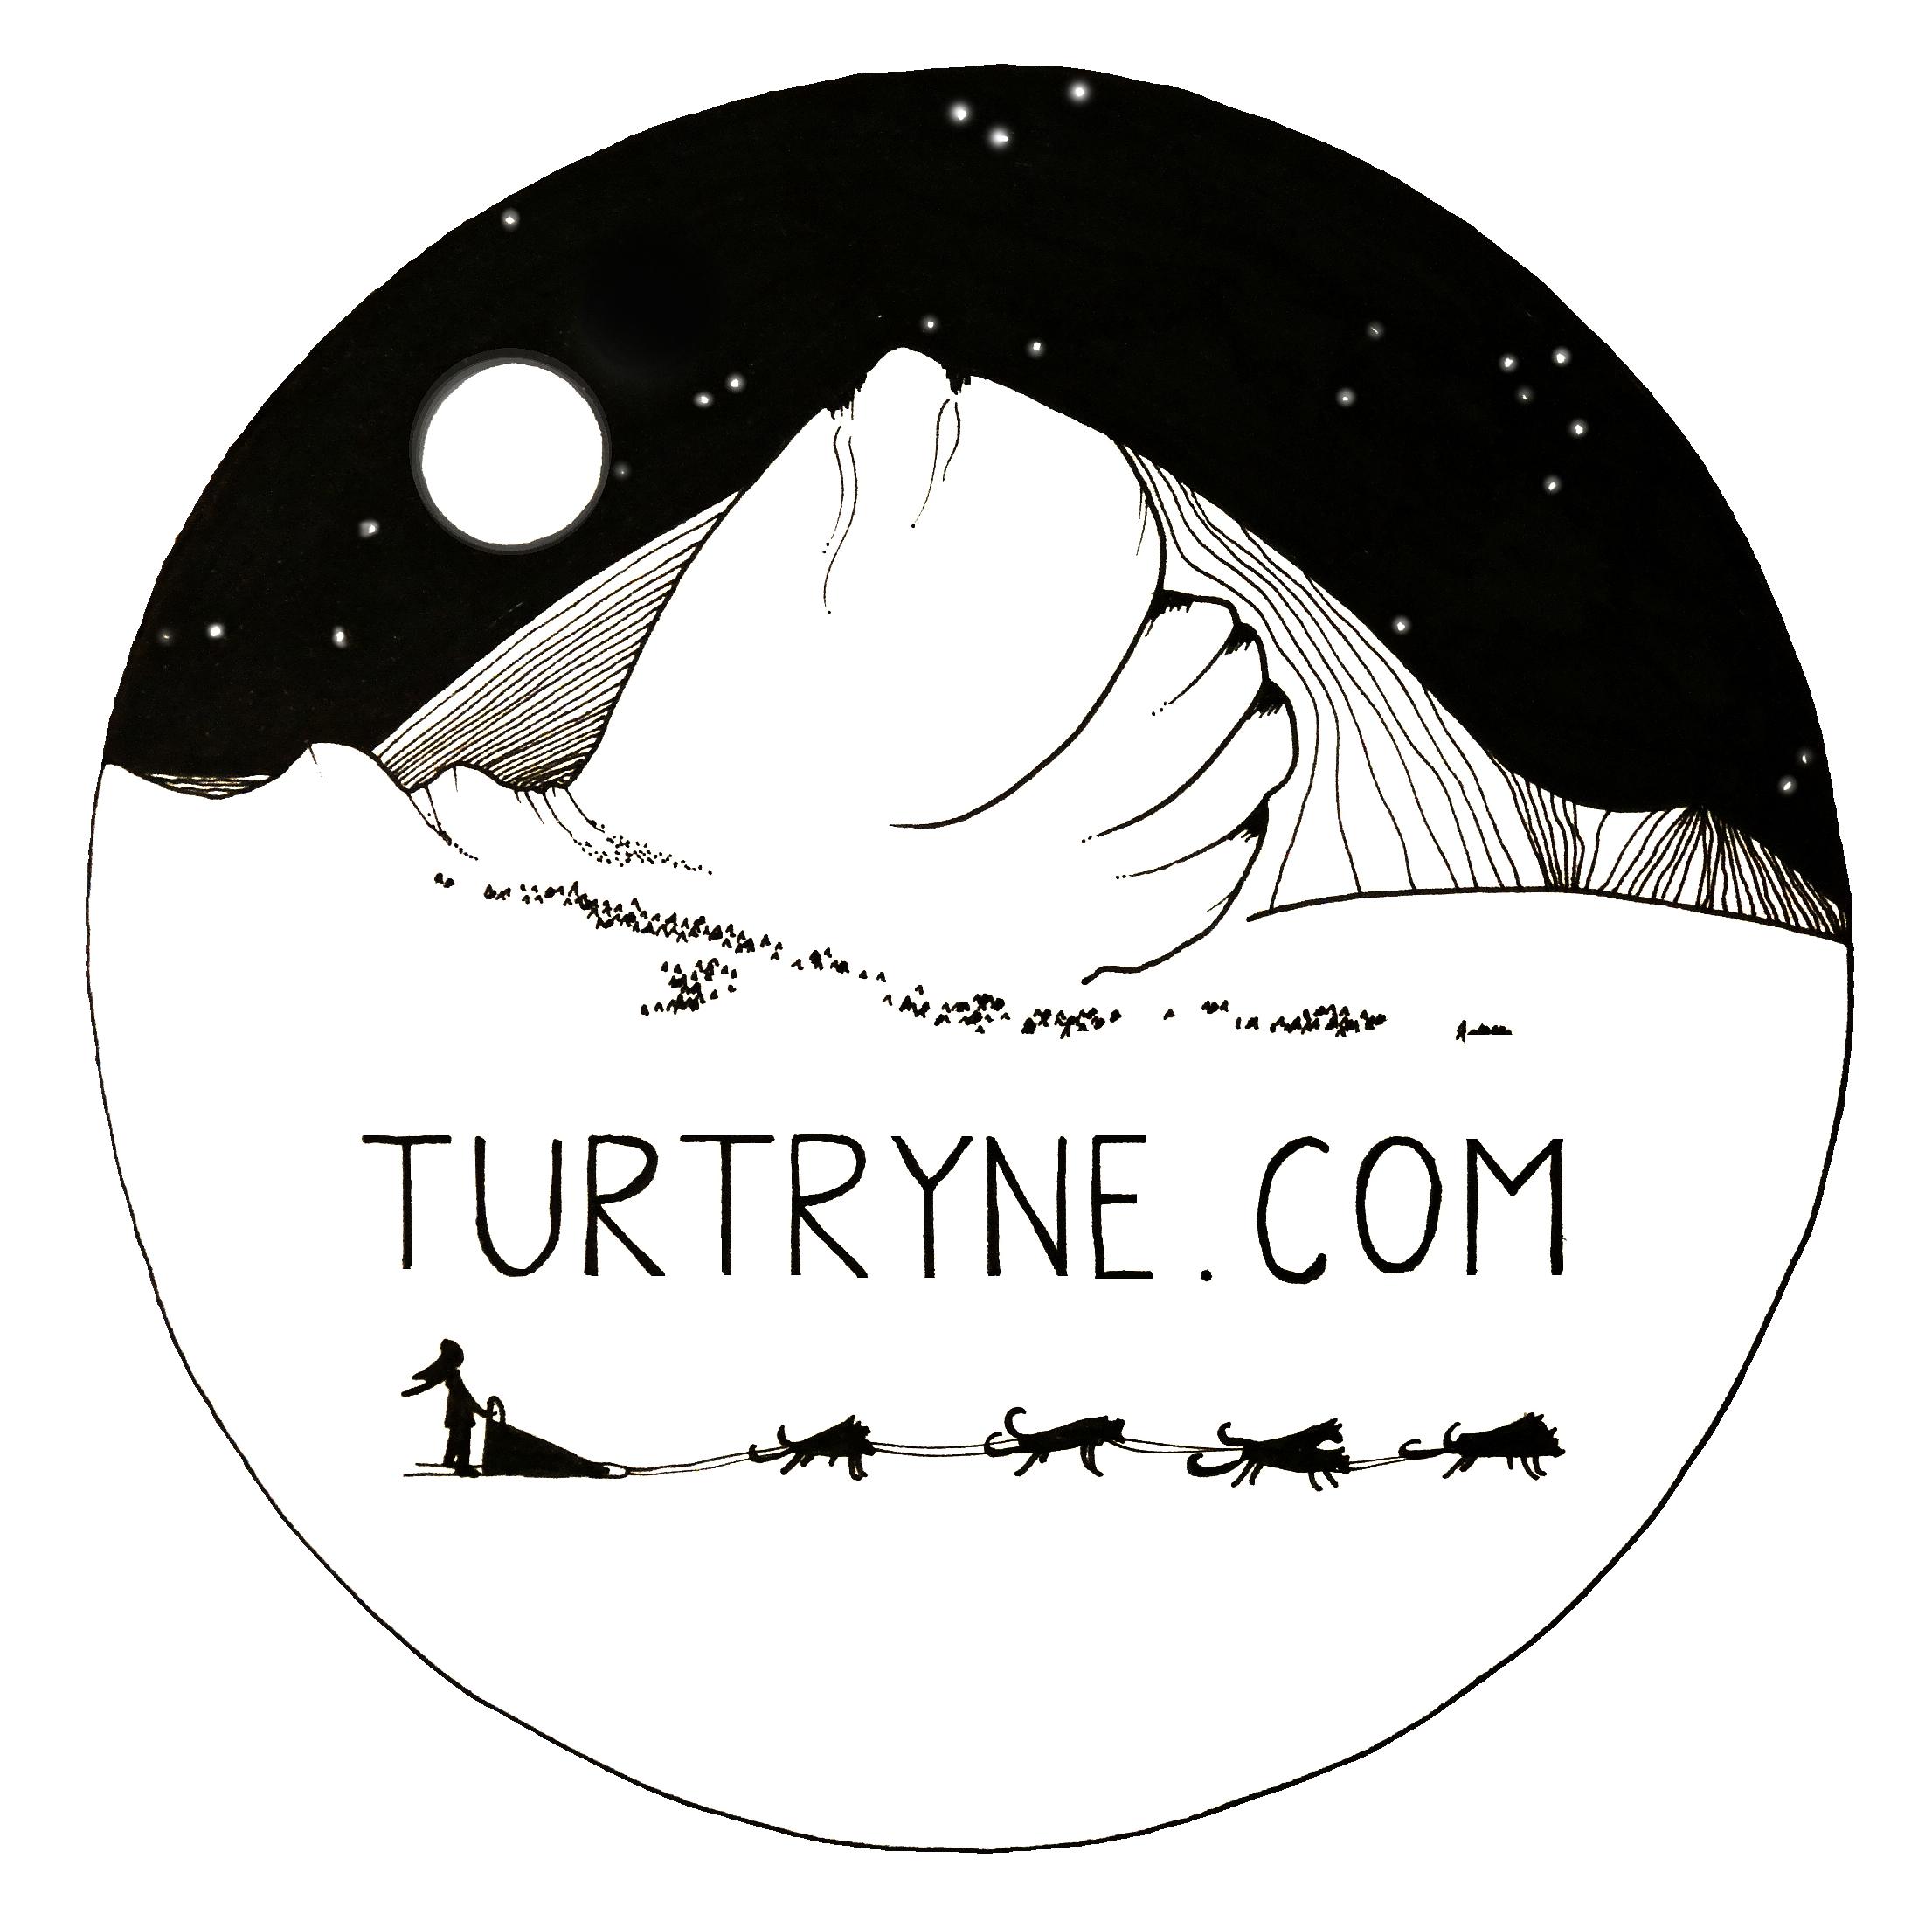 turtryne